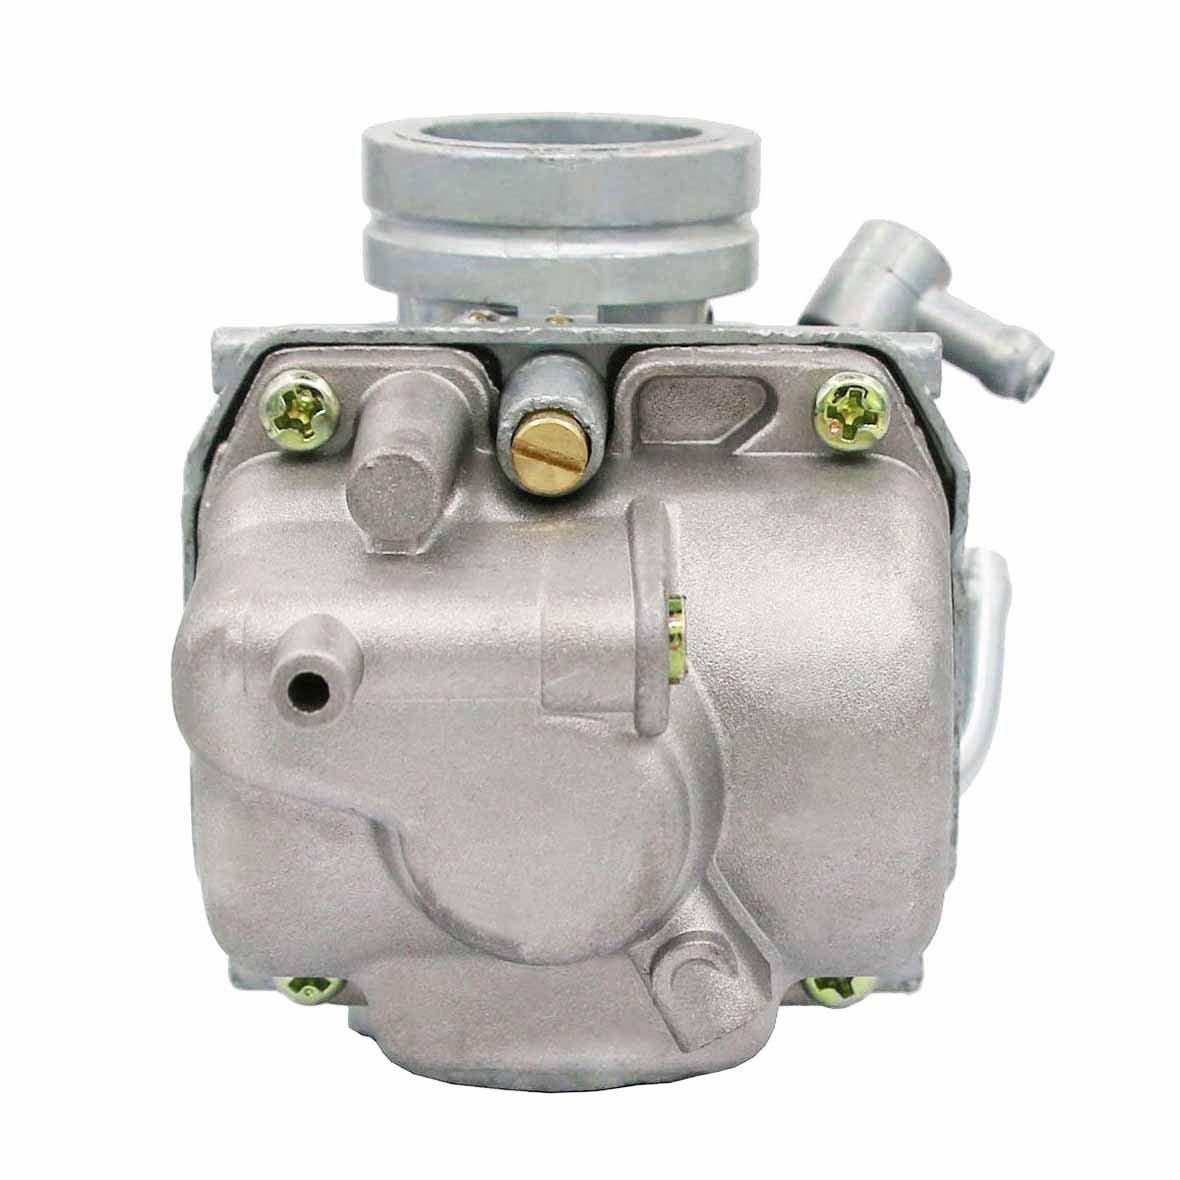 New TTR125 Carburetor for YAMAHA TTR 125 TTR-125 Carb Carborator 2000-2007 Yamaha TTR125L TTR125E TTR125LETTR125 by FYIYI (Image #5)